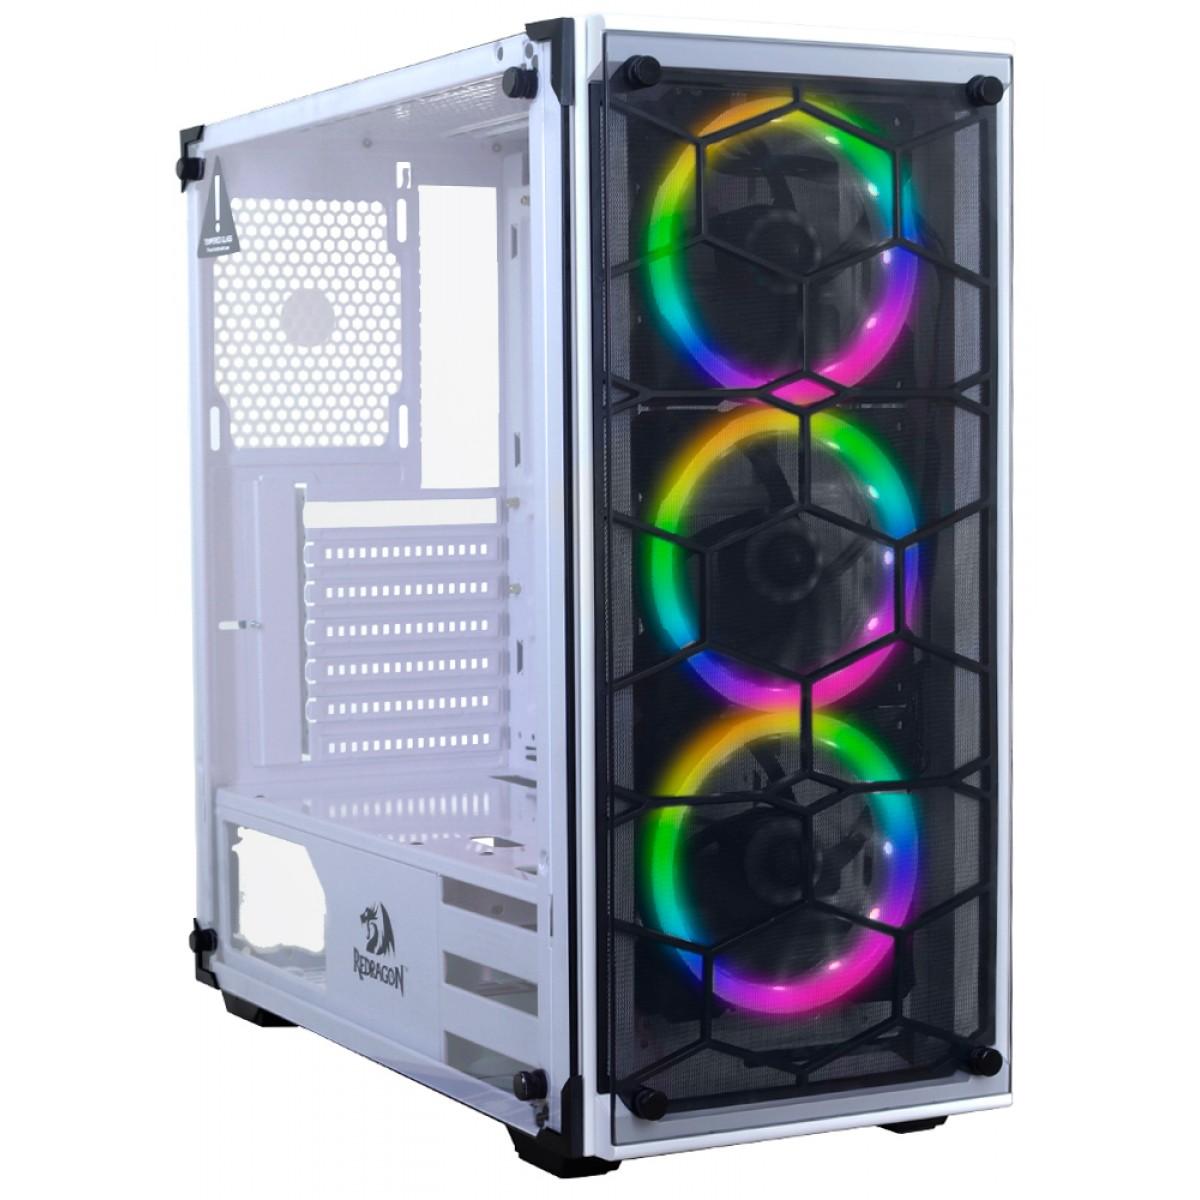 Pc Gamer Tera Edition AMD Ryzen 5 3500 / GeForce RTX 2060 Super / DDR4 8GB / HD 1TB / 600W